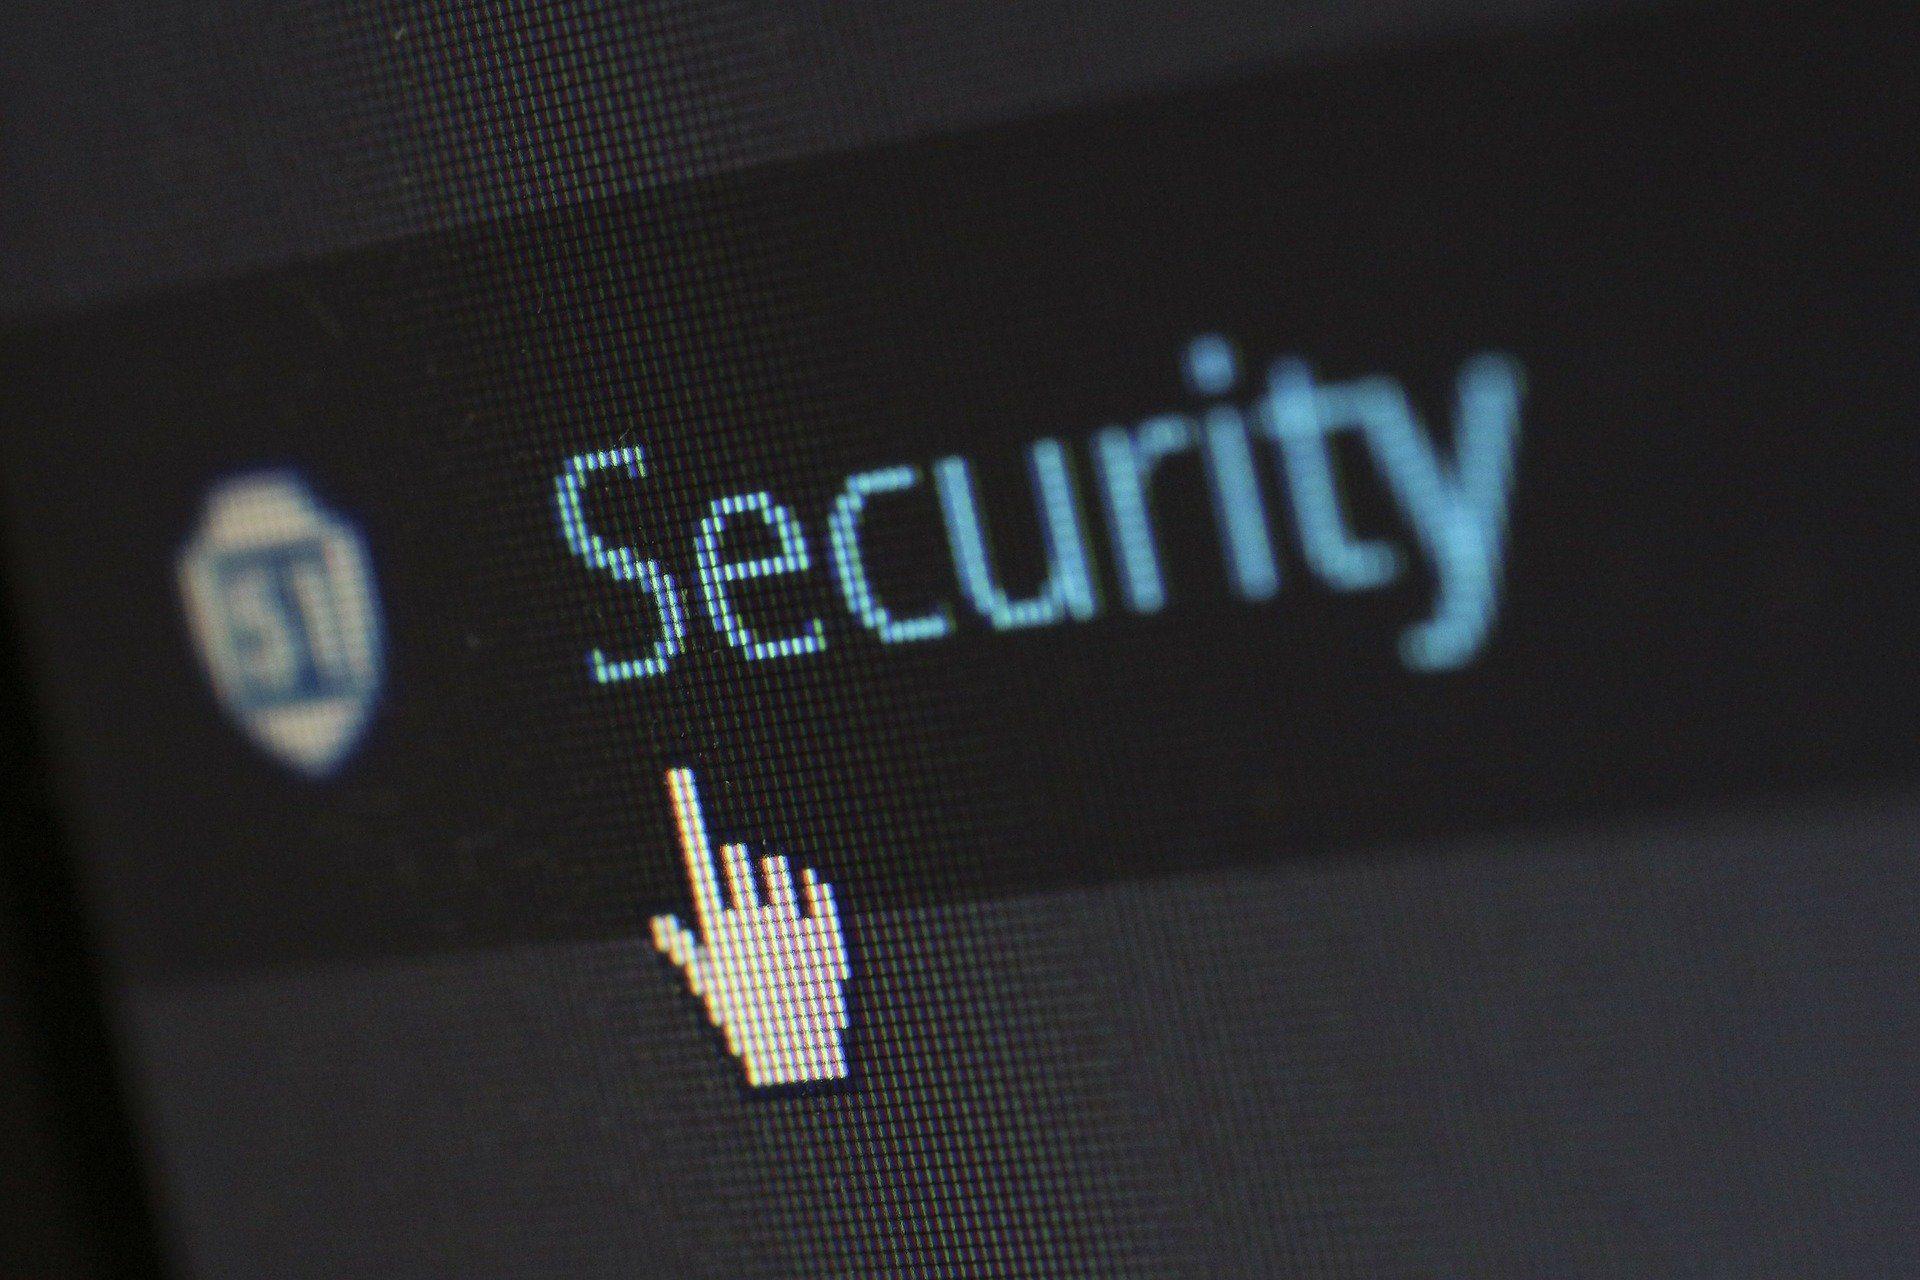 """Imagem de uma tela de computador com a palavra """"security"""" (segurança)"""